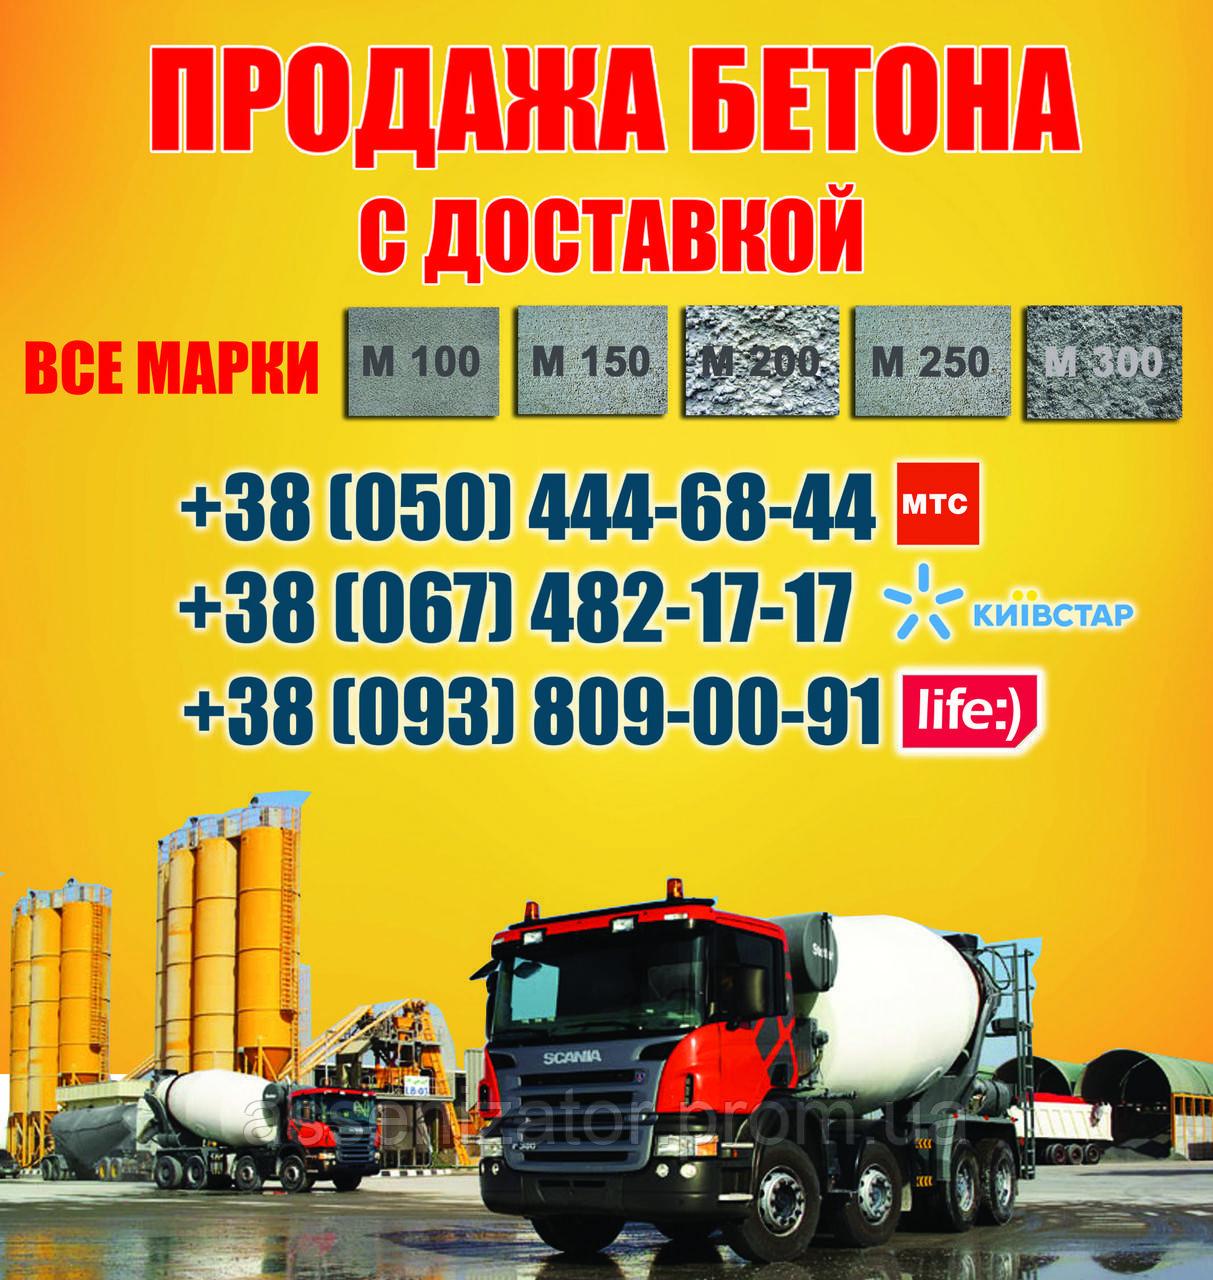 Бетон Иловайск. Купить бетон в Иловайске. Цена за куб по Иловайску. Купить с доставкой бетон ИЛОВАЙСК.